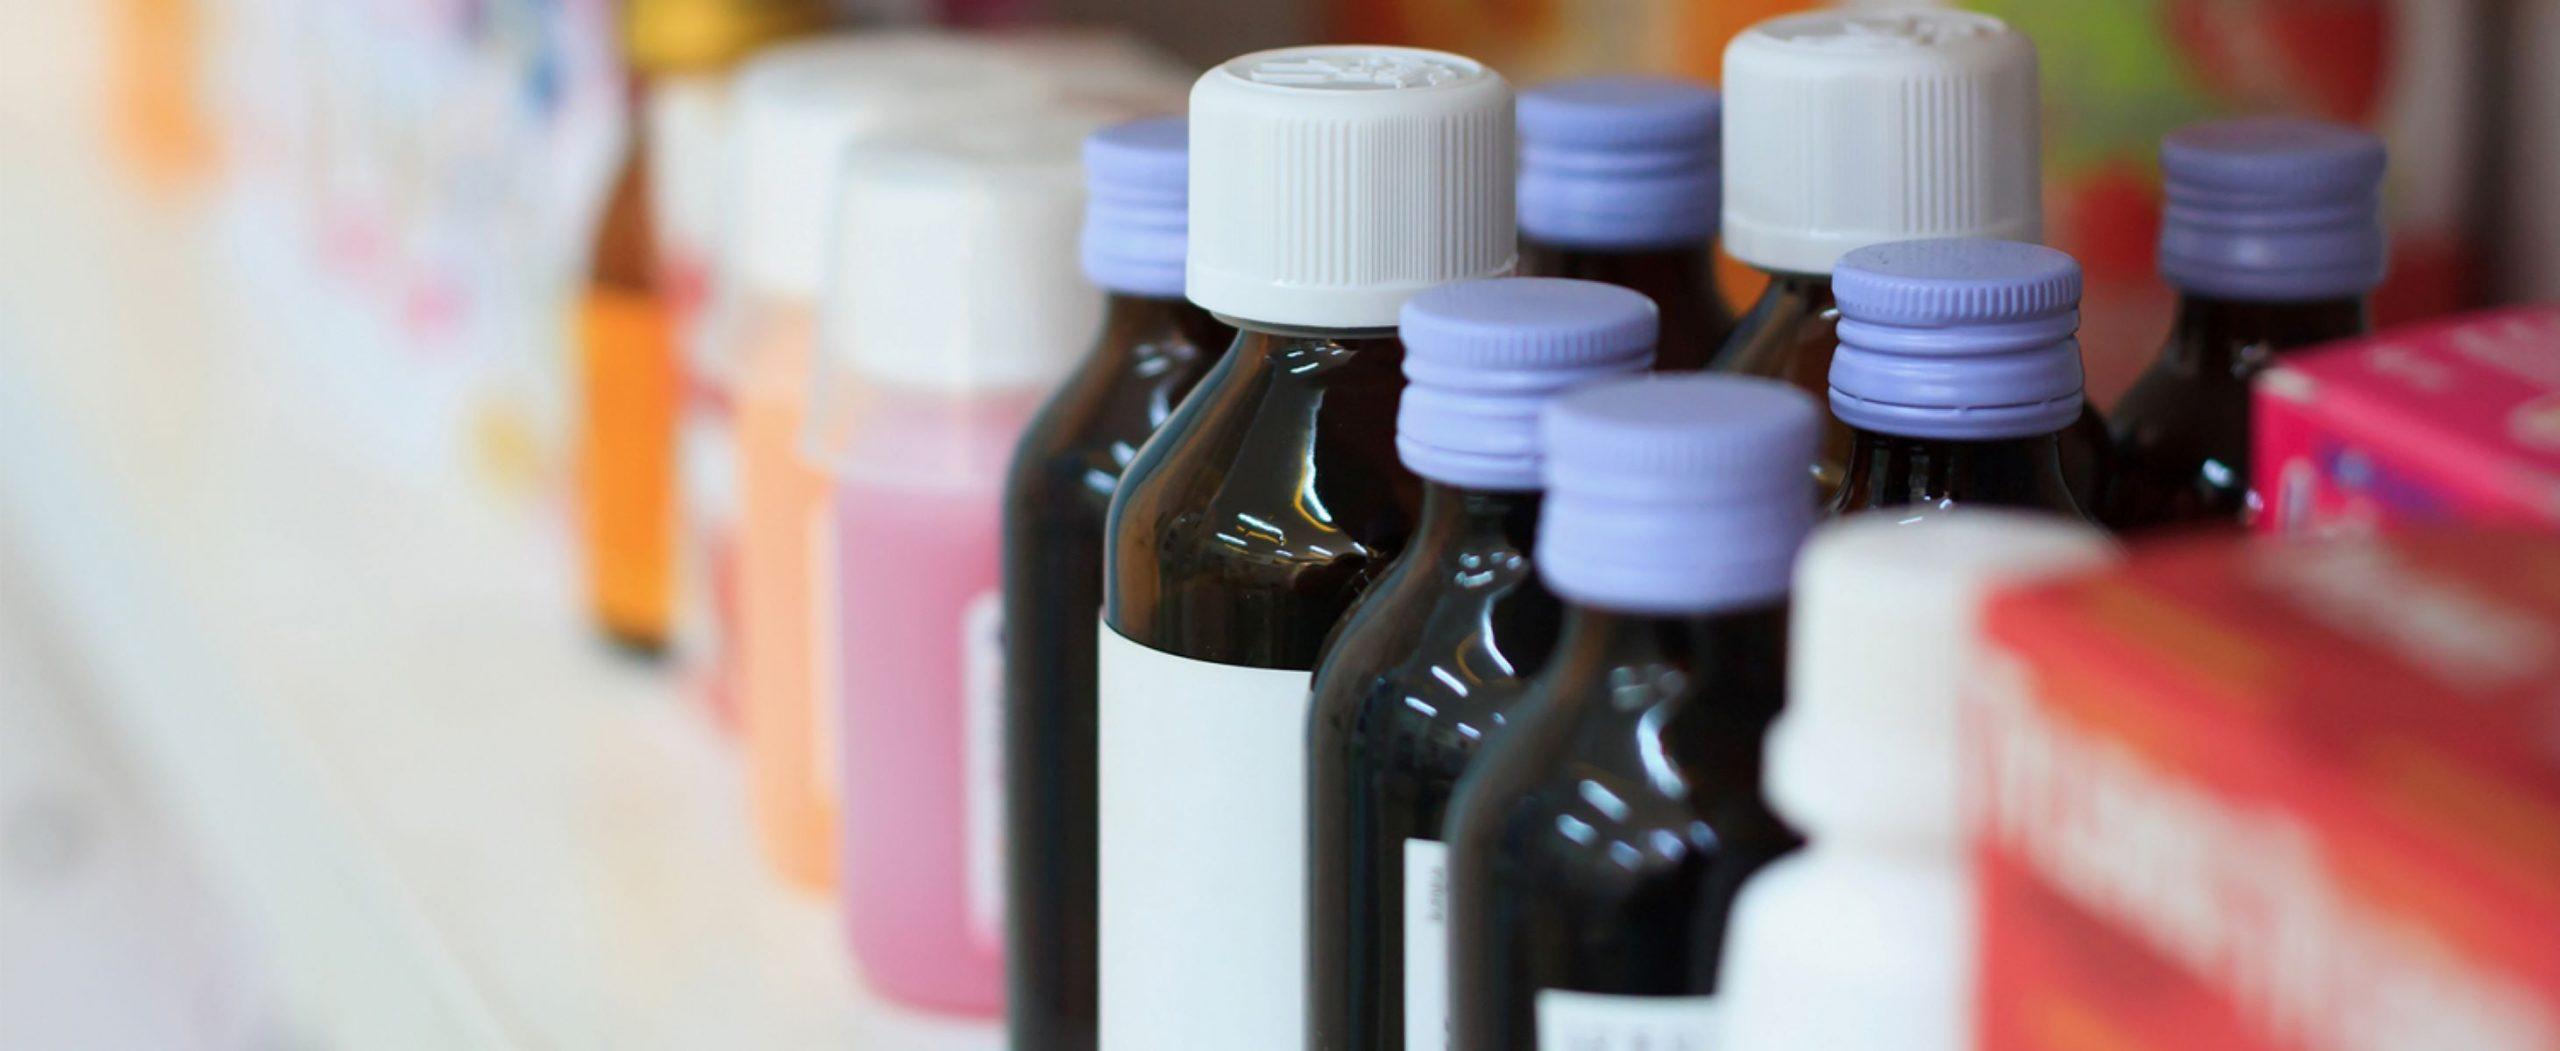 Φαρμακεία: Μειωμένες οι πωλήσεις των φαρμάκων OTC τον Σεπτέμβριο